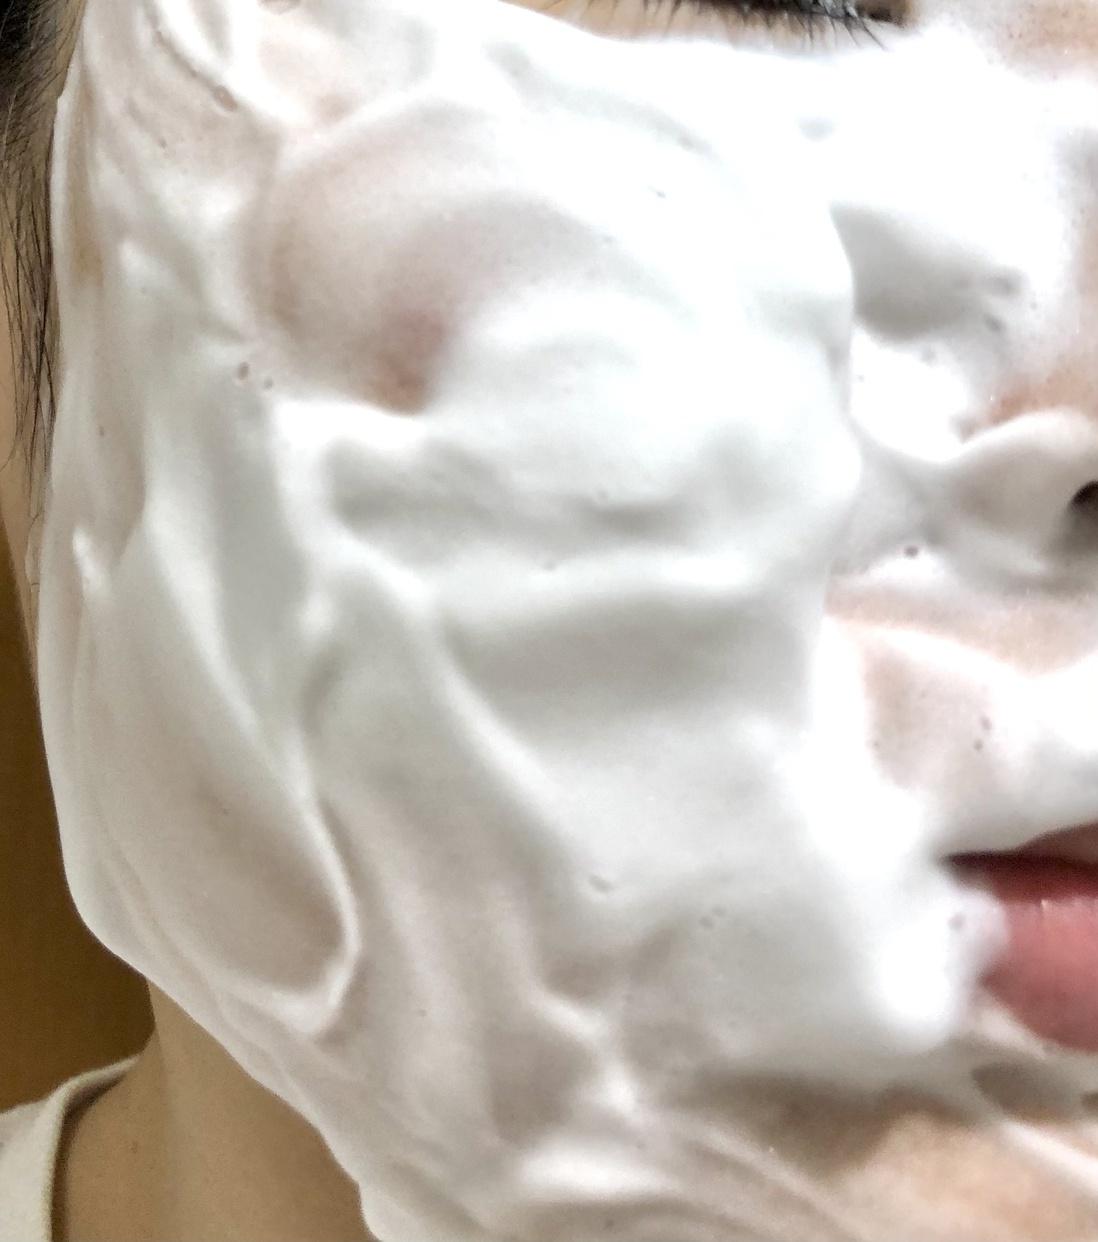 NICE & QUICK(ナイス&クイック)ボタニカル酵素洗顔パウダーを使ったreiさんのクチコミ画像4